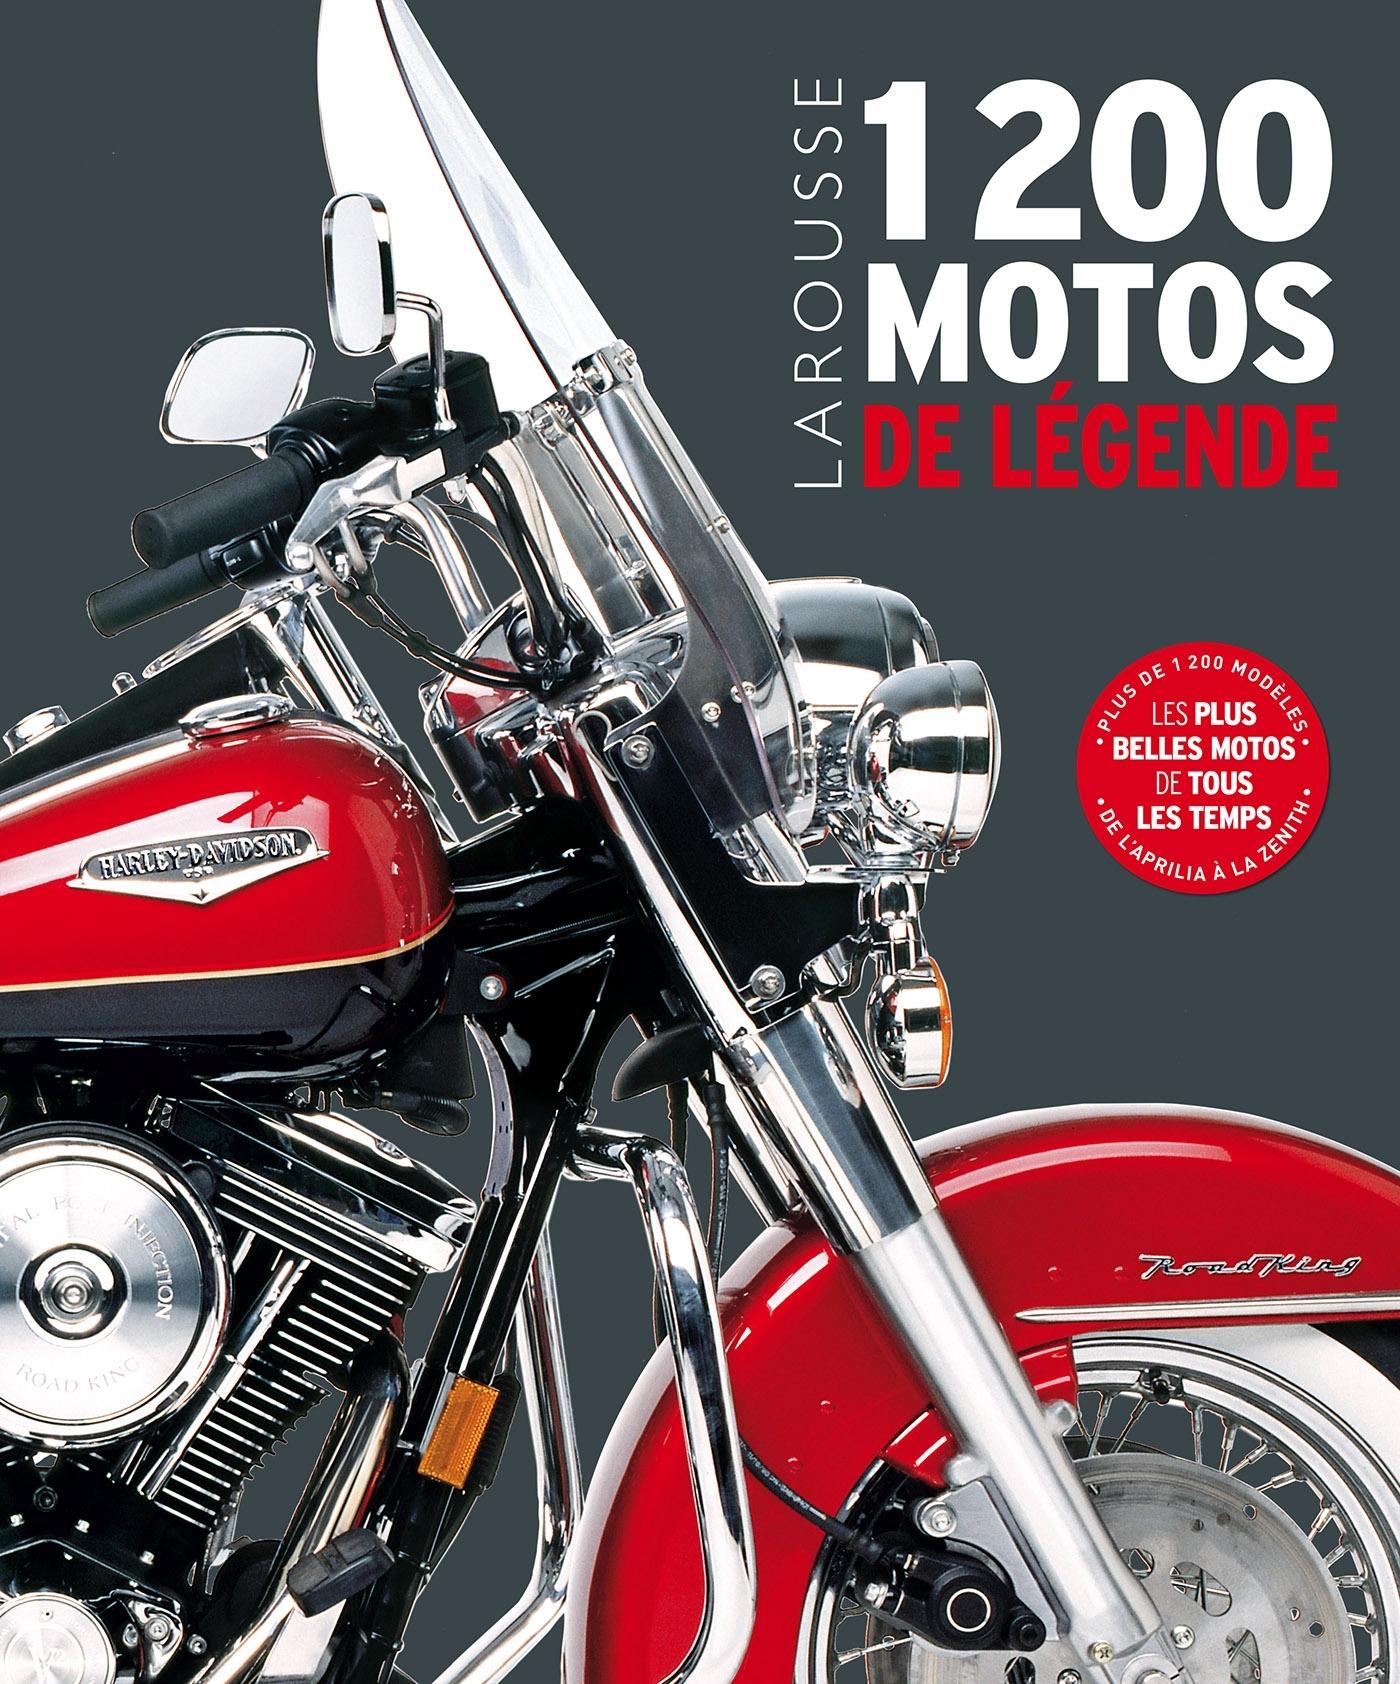 1200 MOTOS DE LEGENDE